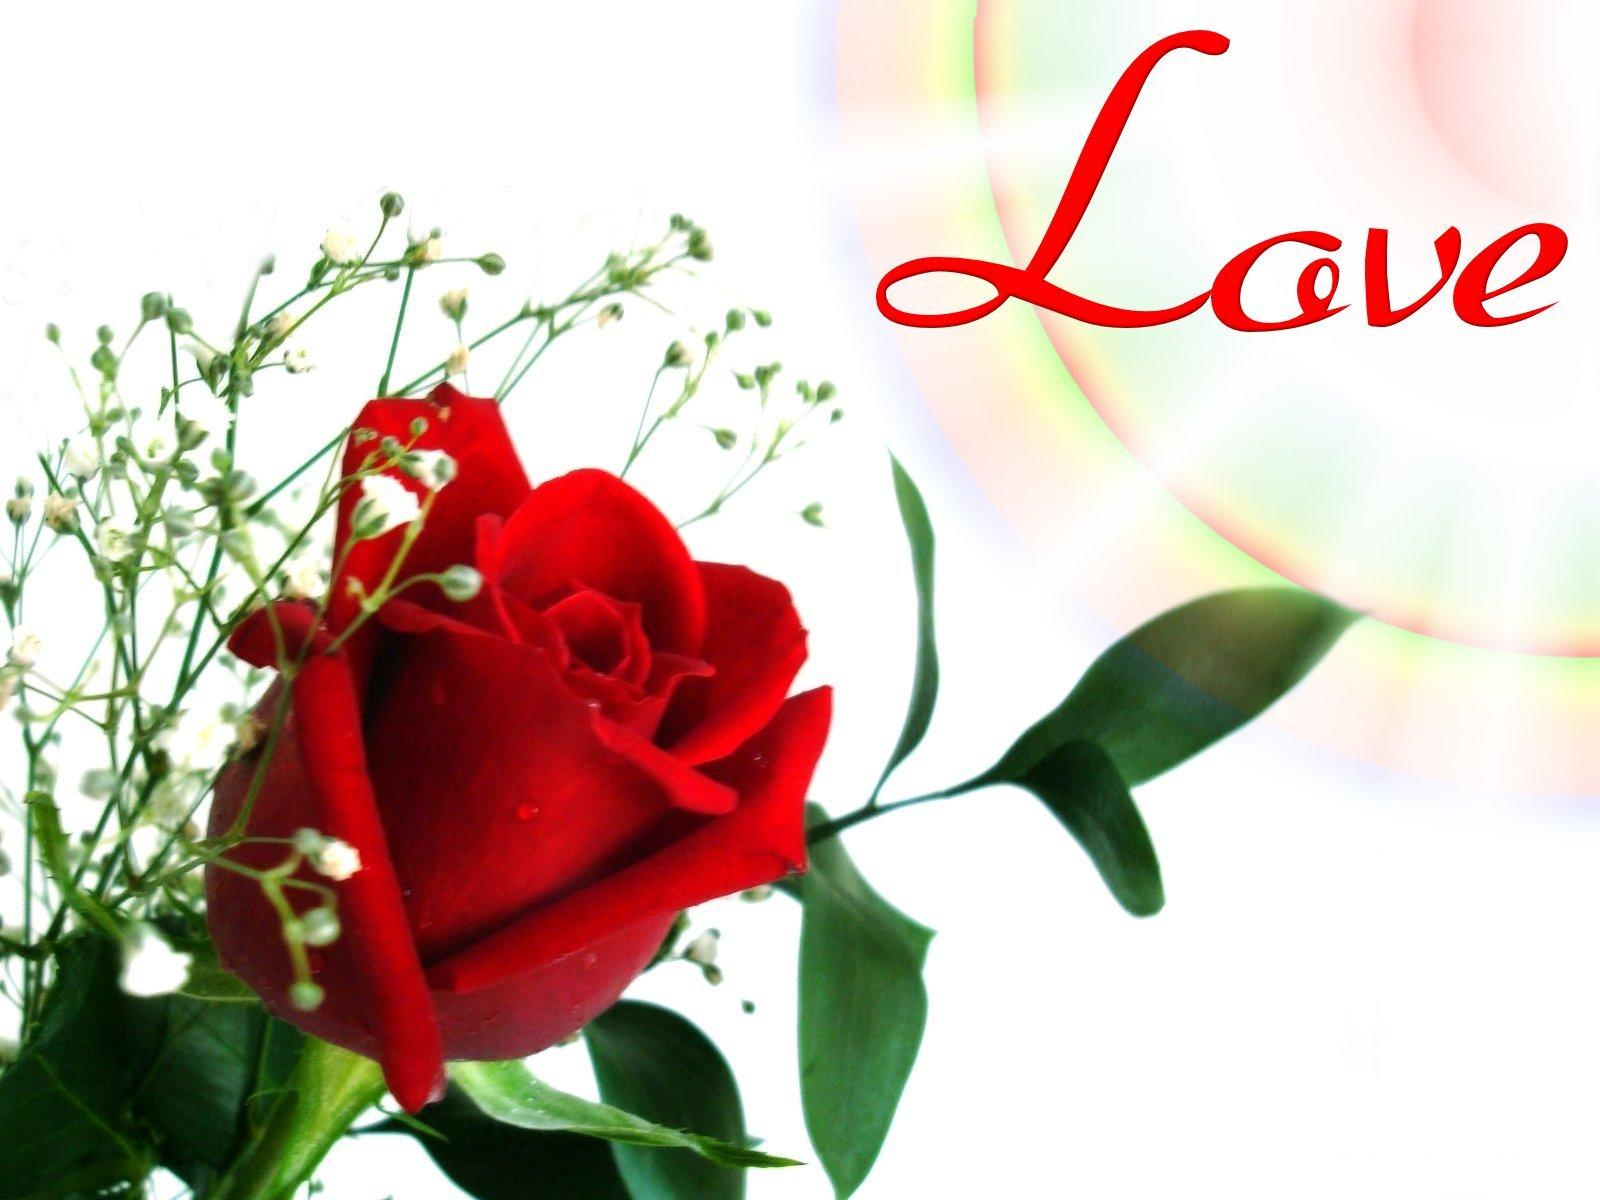 love rose images sf wallpaper